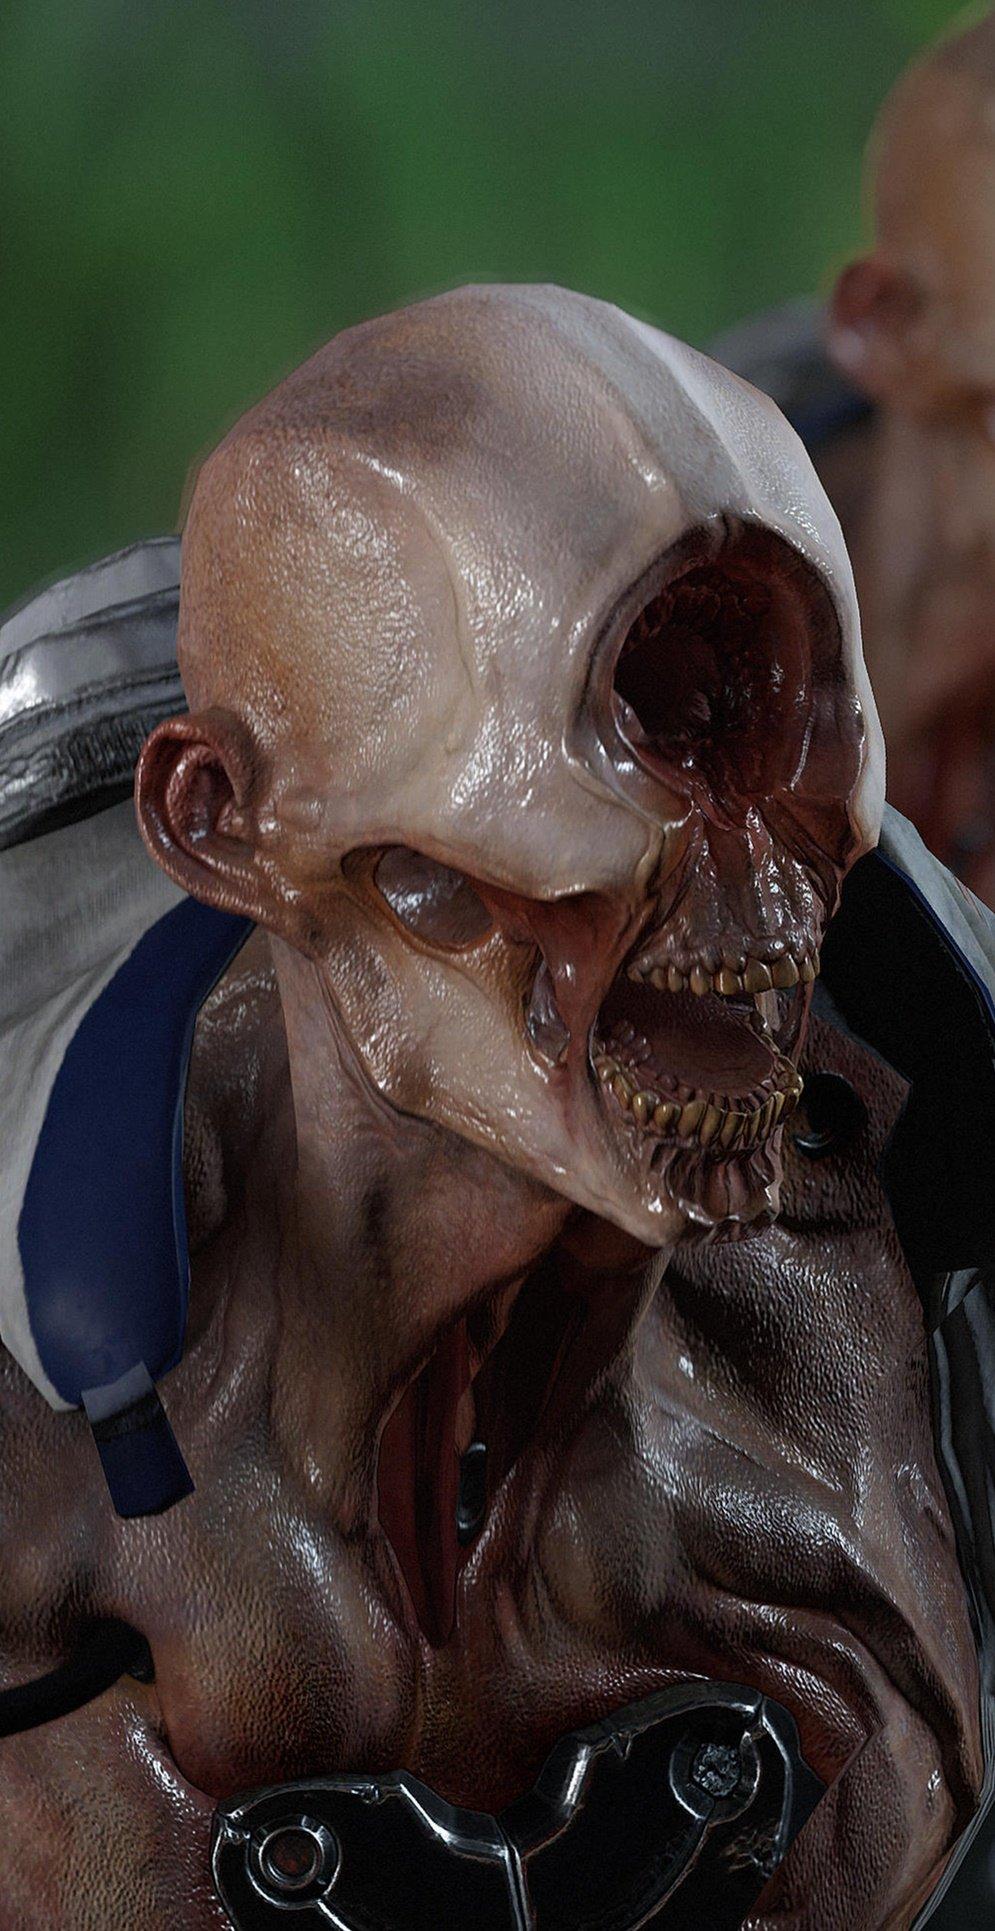 Рецензия на Doom (2016). Обзор игры - Изображение 12